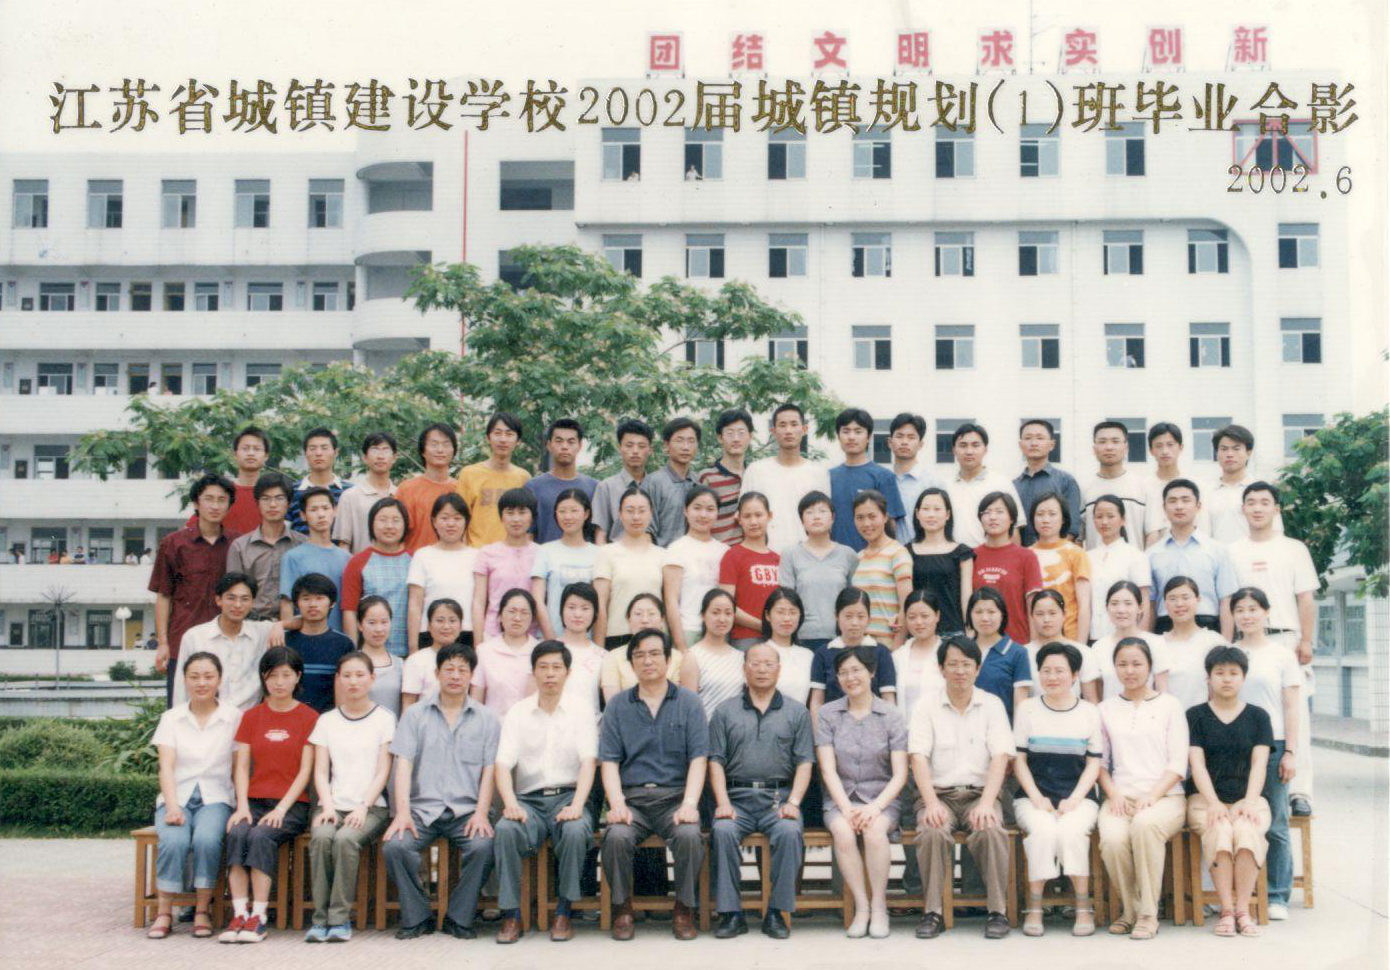 2002届城镇规划(1)班毕业合影